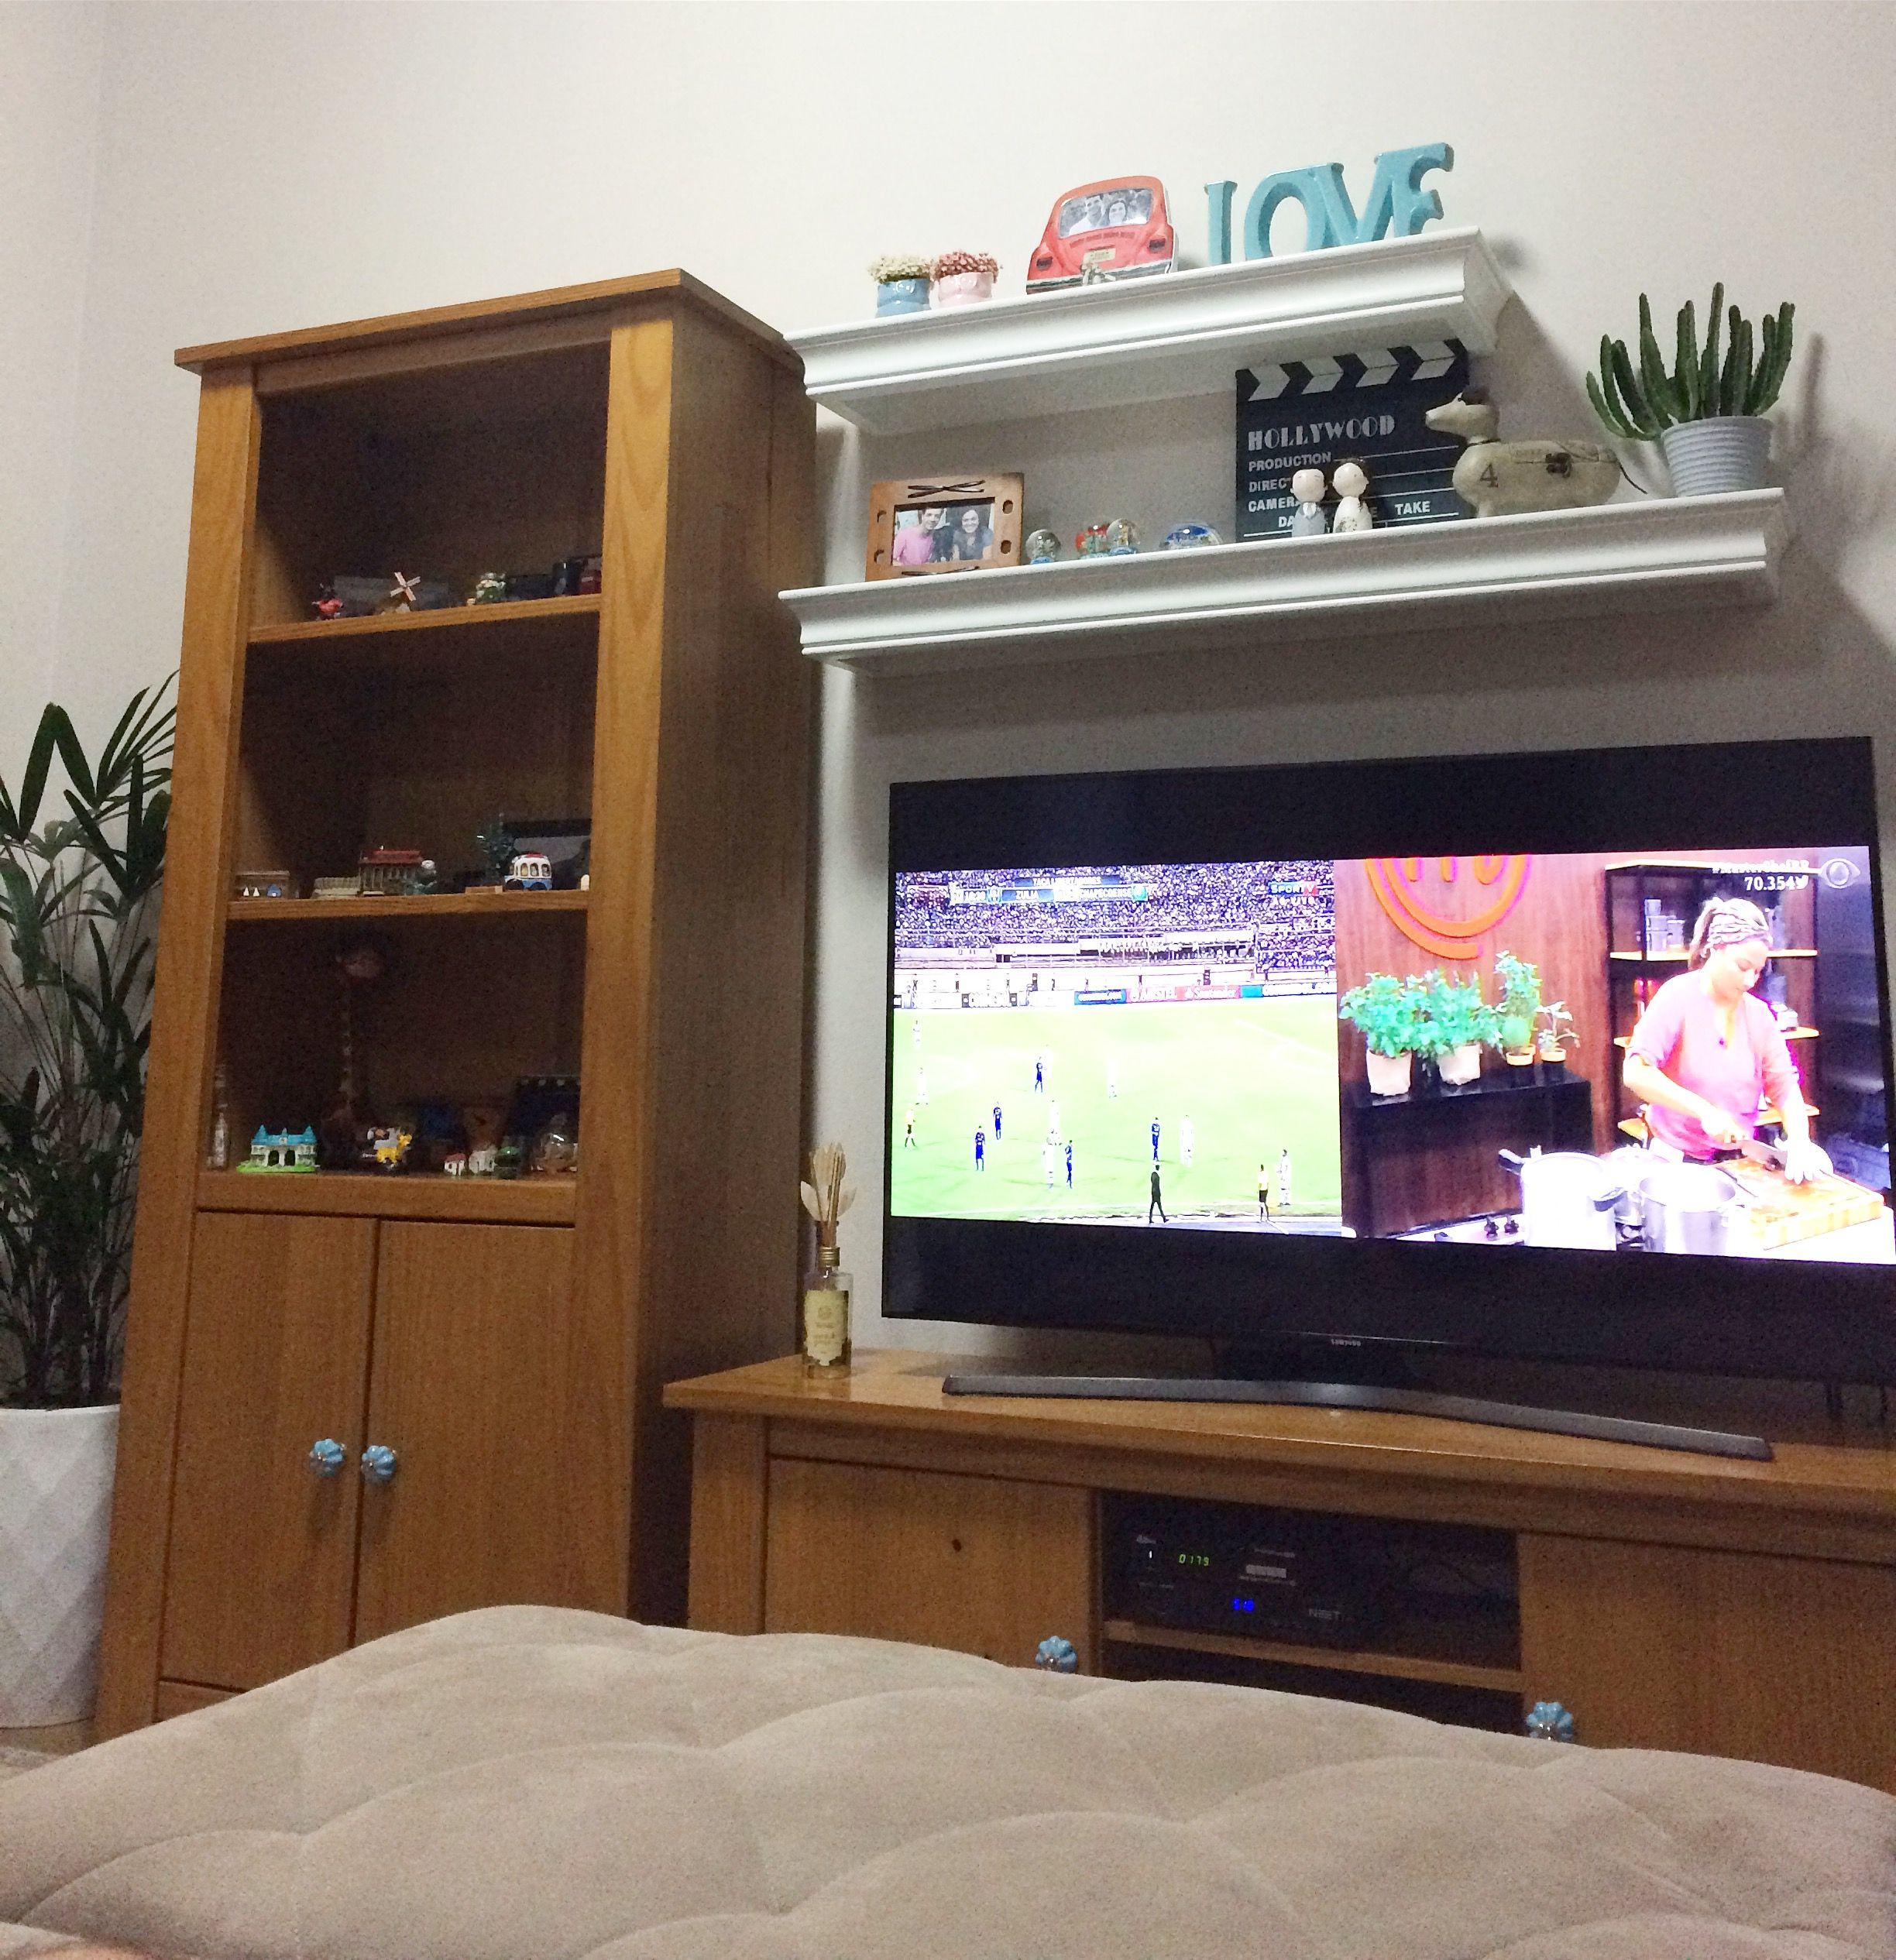 #sala #rack #tv #estante #prateleiras #madeira #decoracao #decor #livingroom